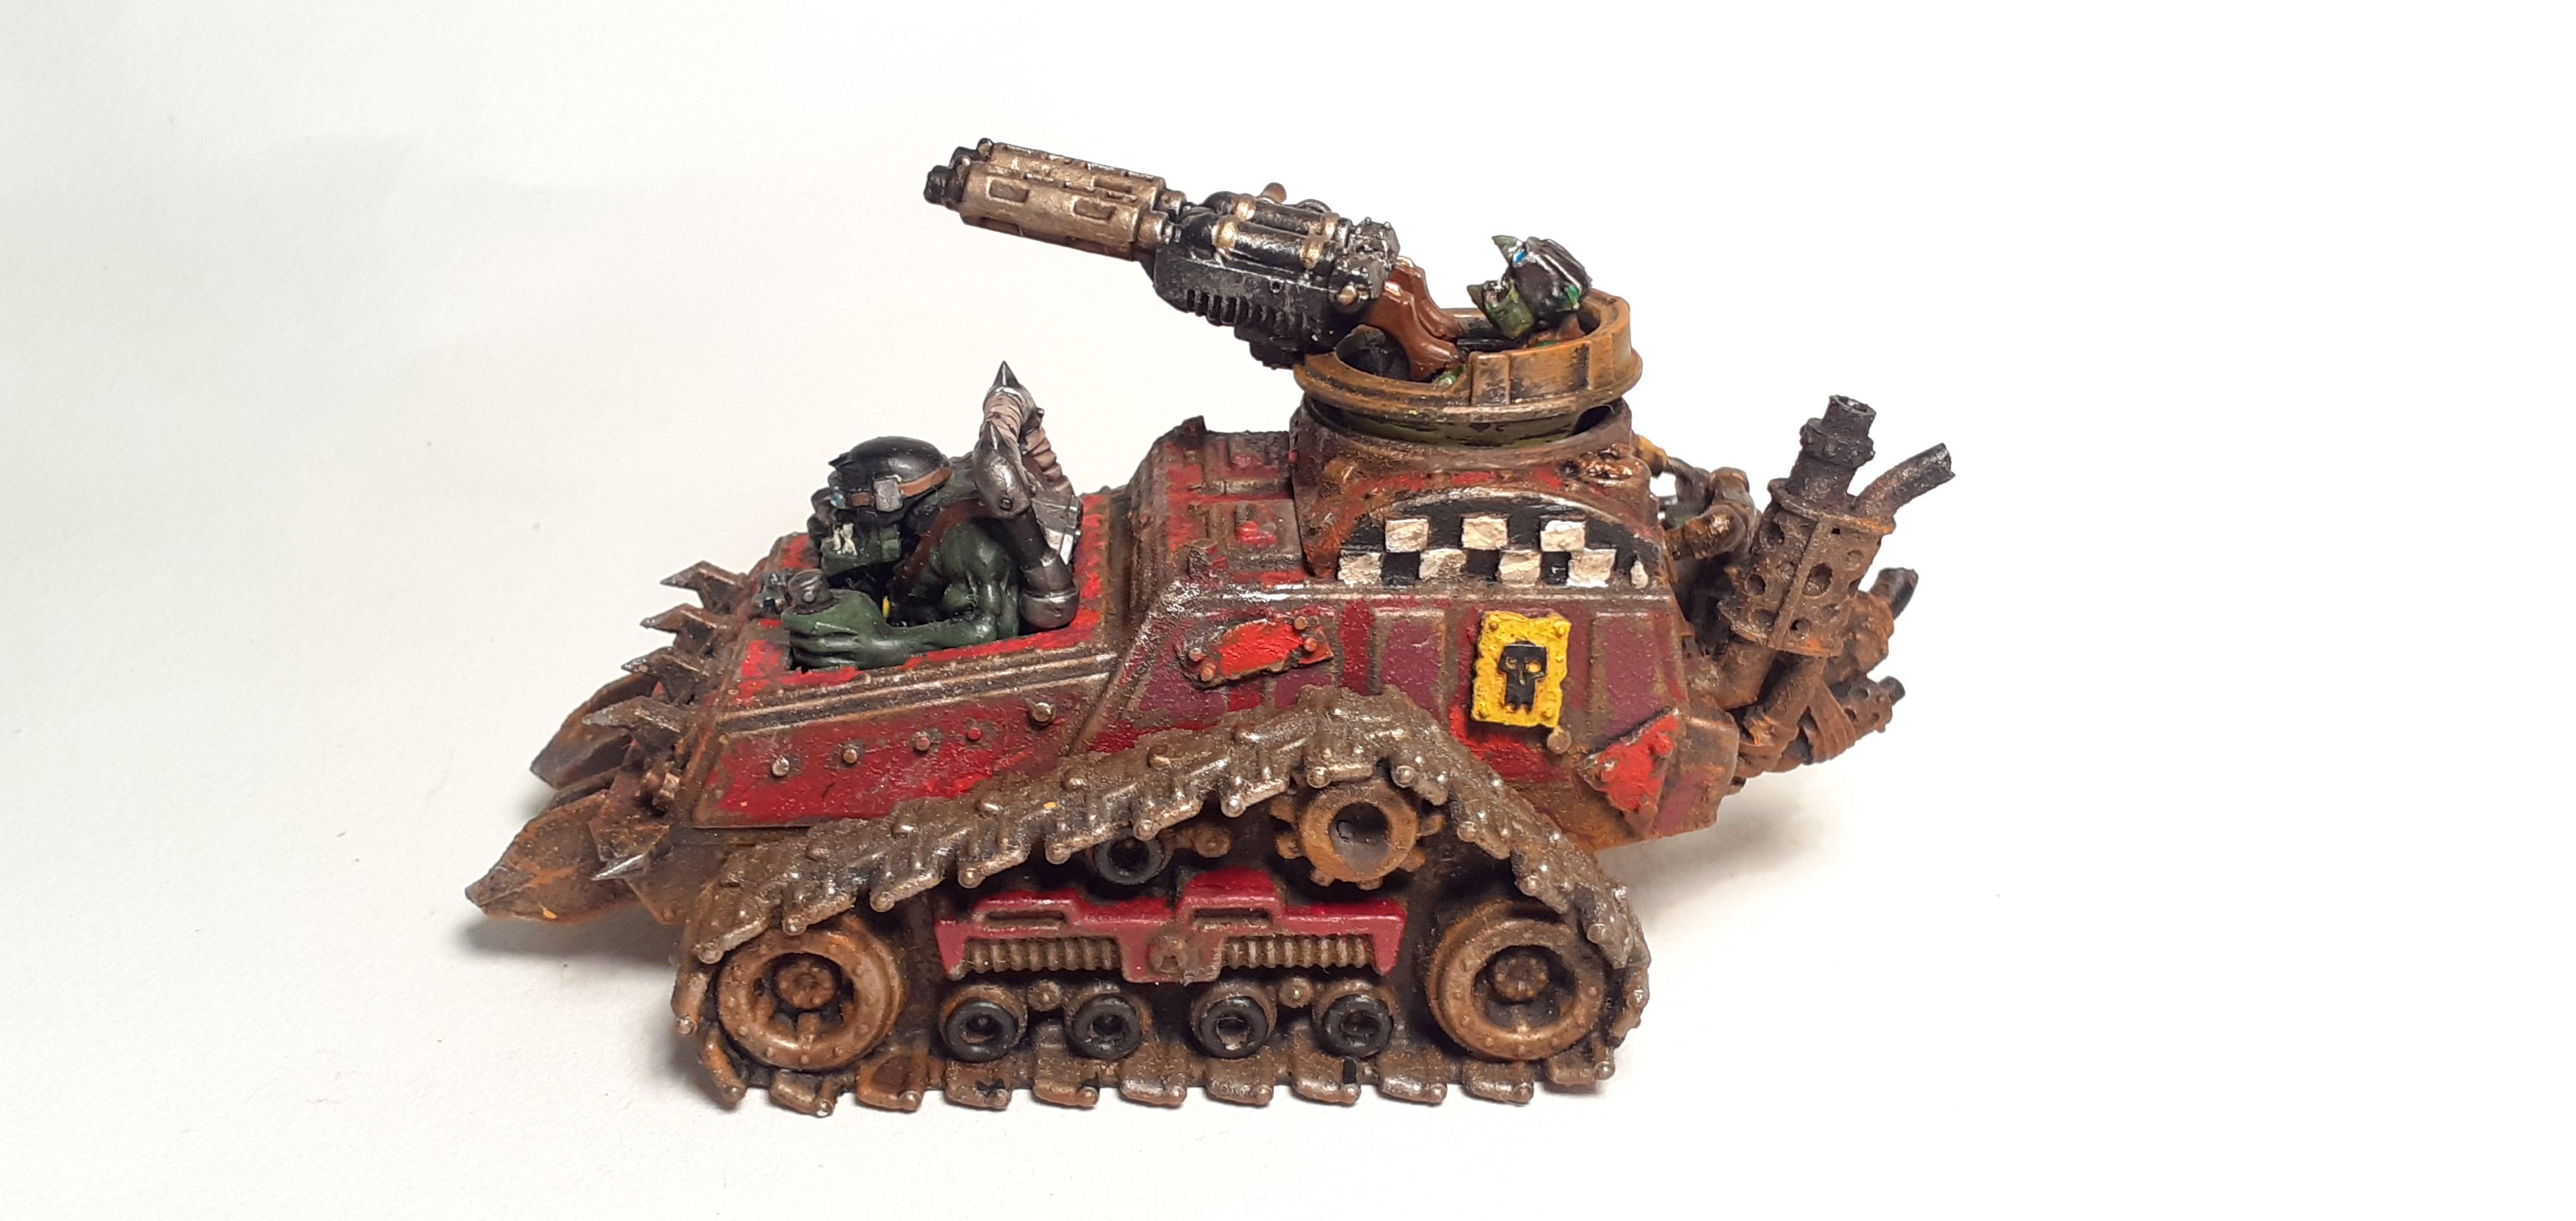 Conversion, Grots, Kitbashed, Ork Conversions, Ork Coustom Made Vehicles, Orks, Scratch Build, Warhammer 40,000, Wartrak